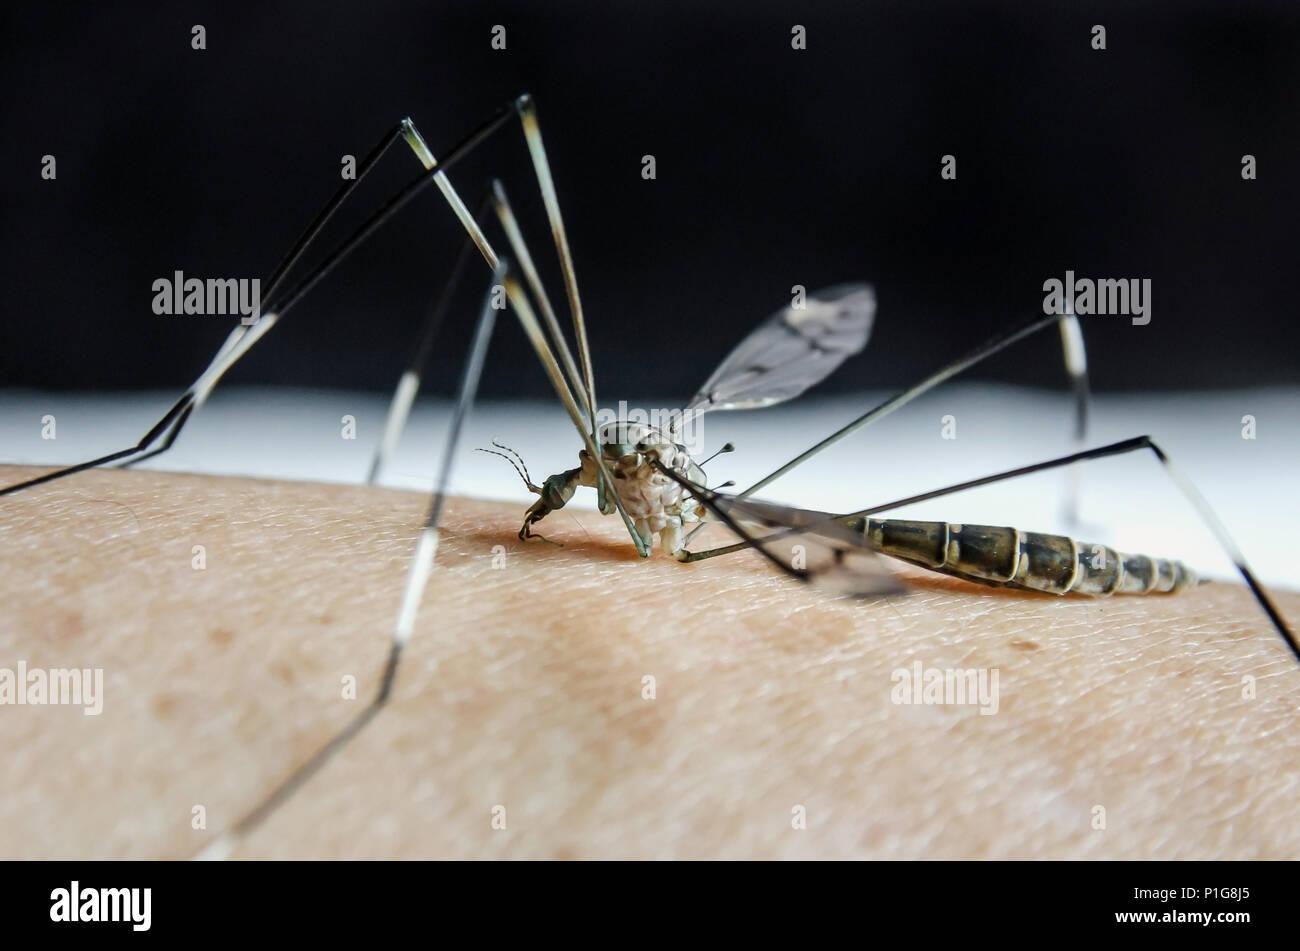 Macro di zanzara sulla pelle umana, vicino - di zanzare sono succhiare il sangue sulla pelle, Aedes aegypti e sono pericolosi insetto che causa del Immagini Stock